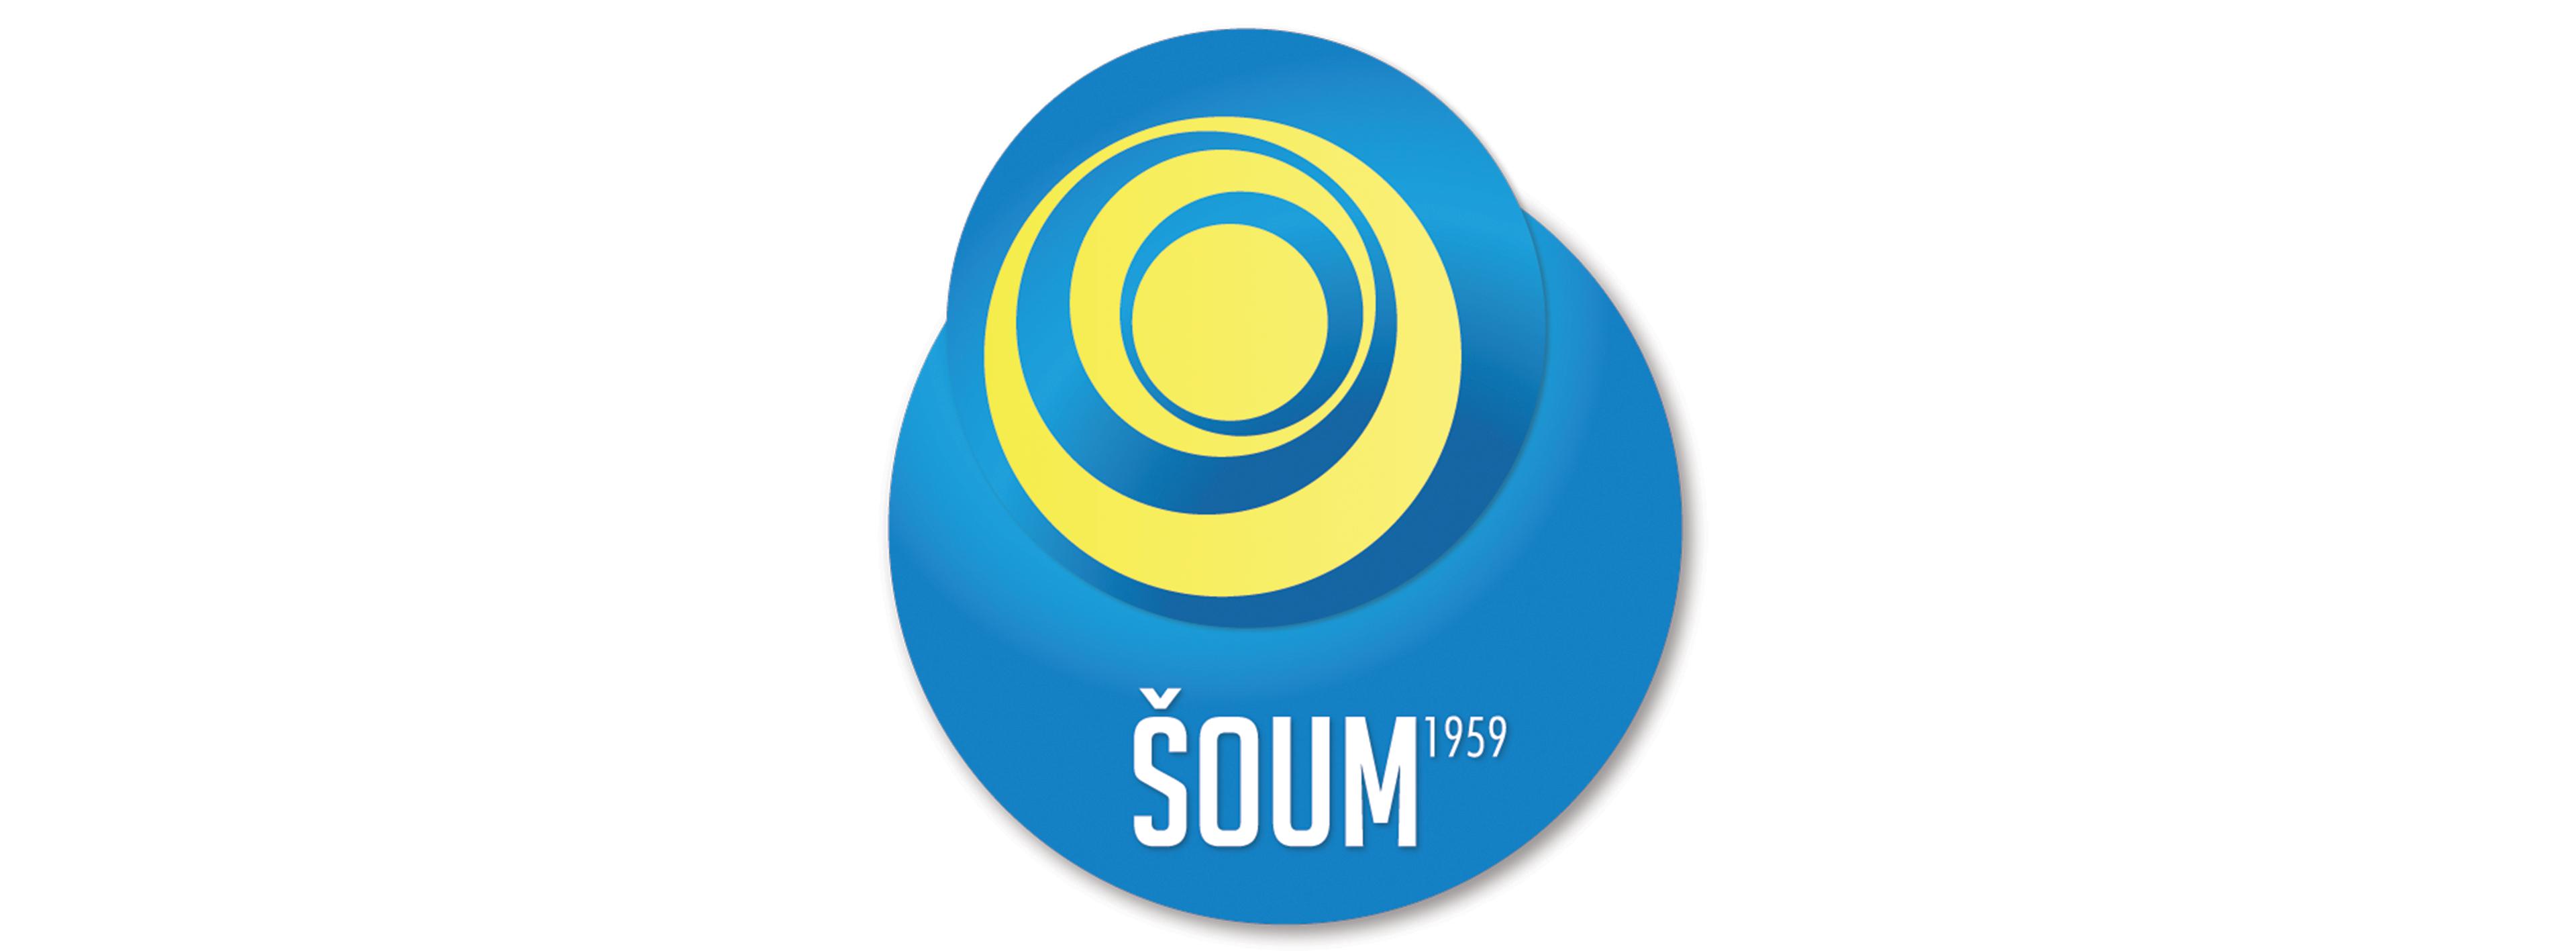 Soum_logo